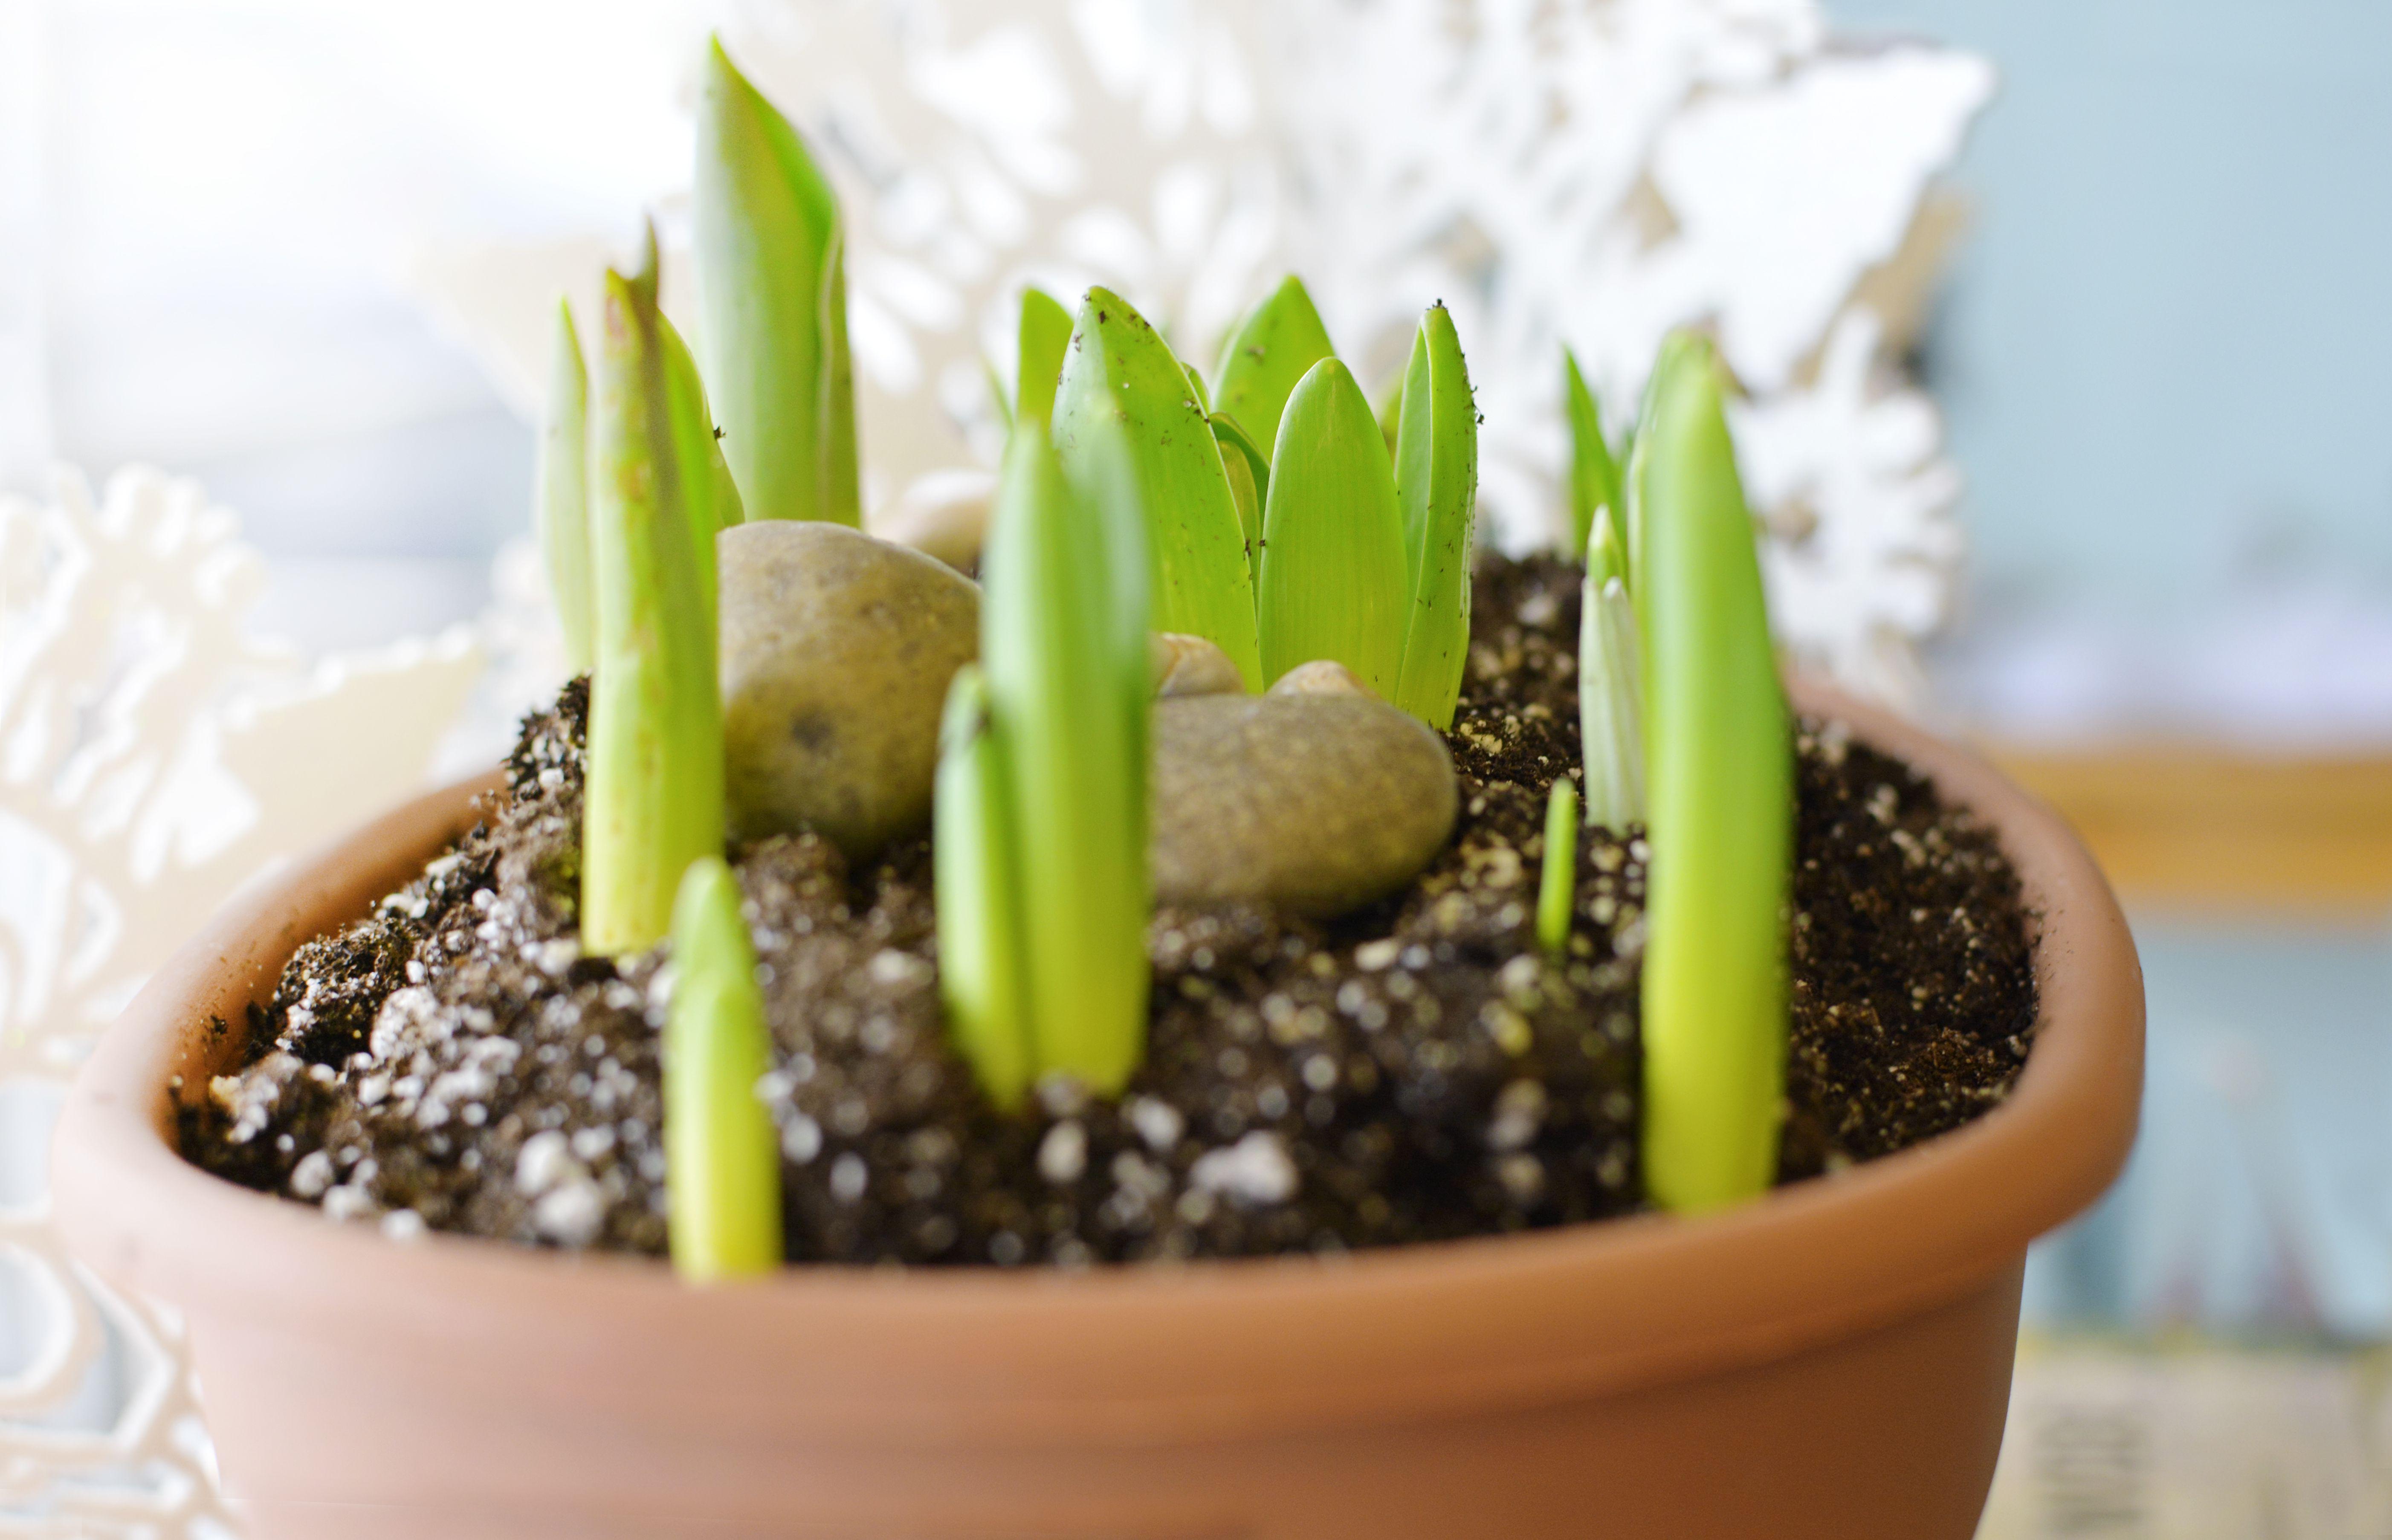 Spring bulbs in pot